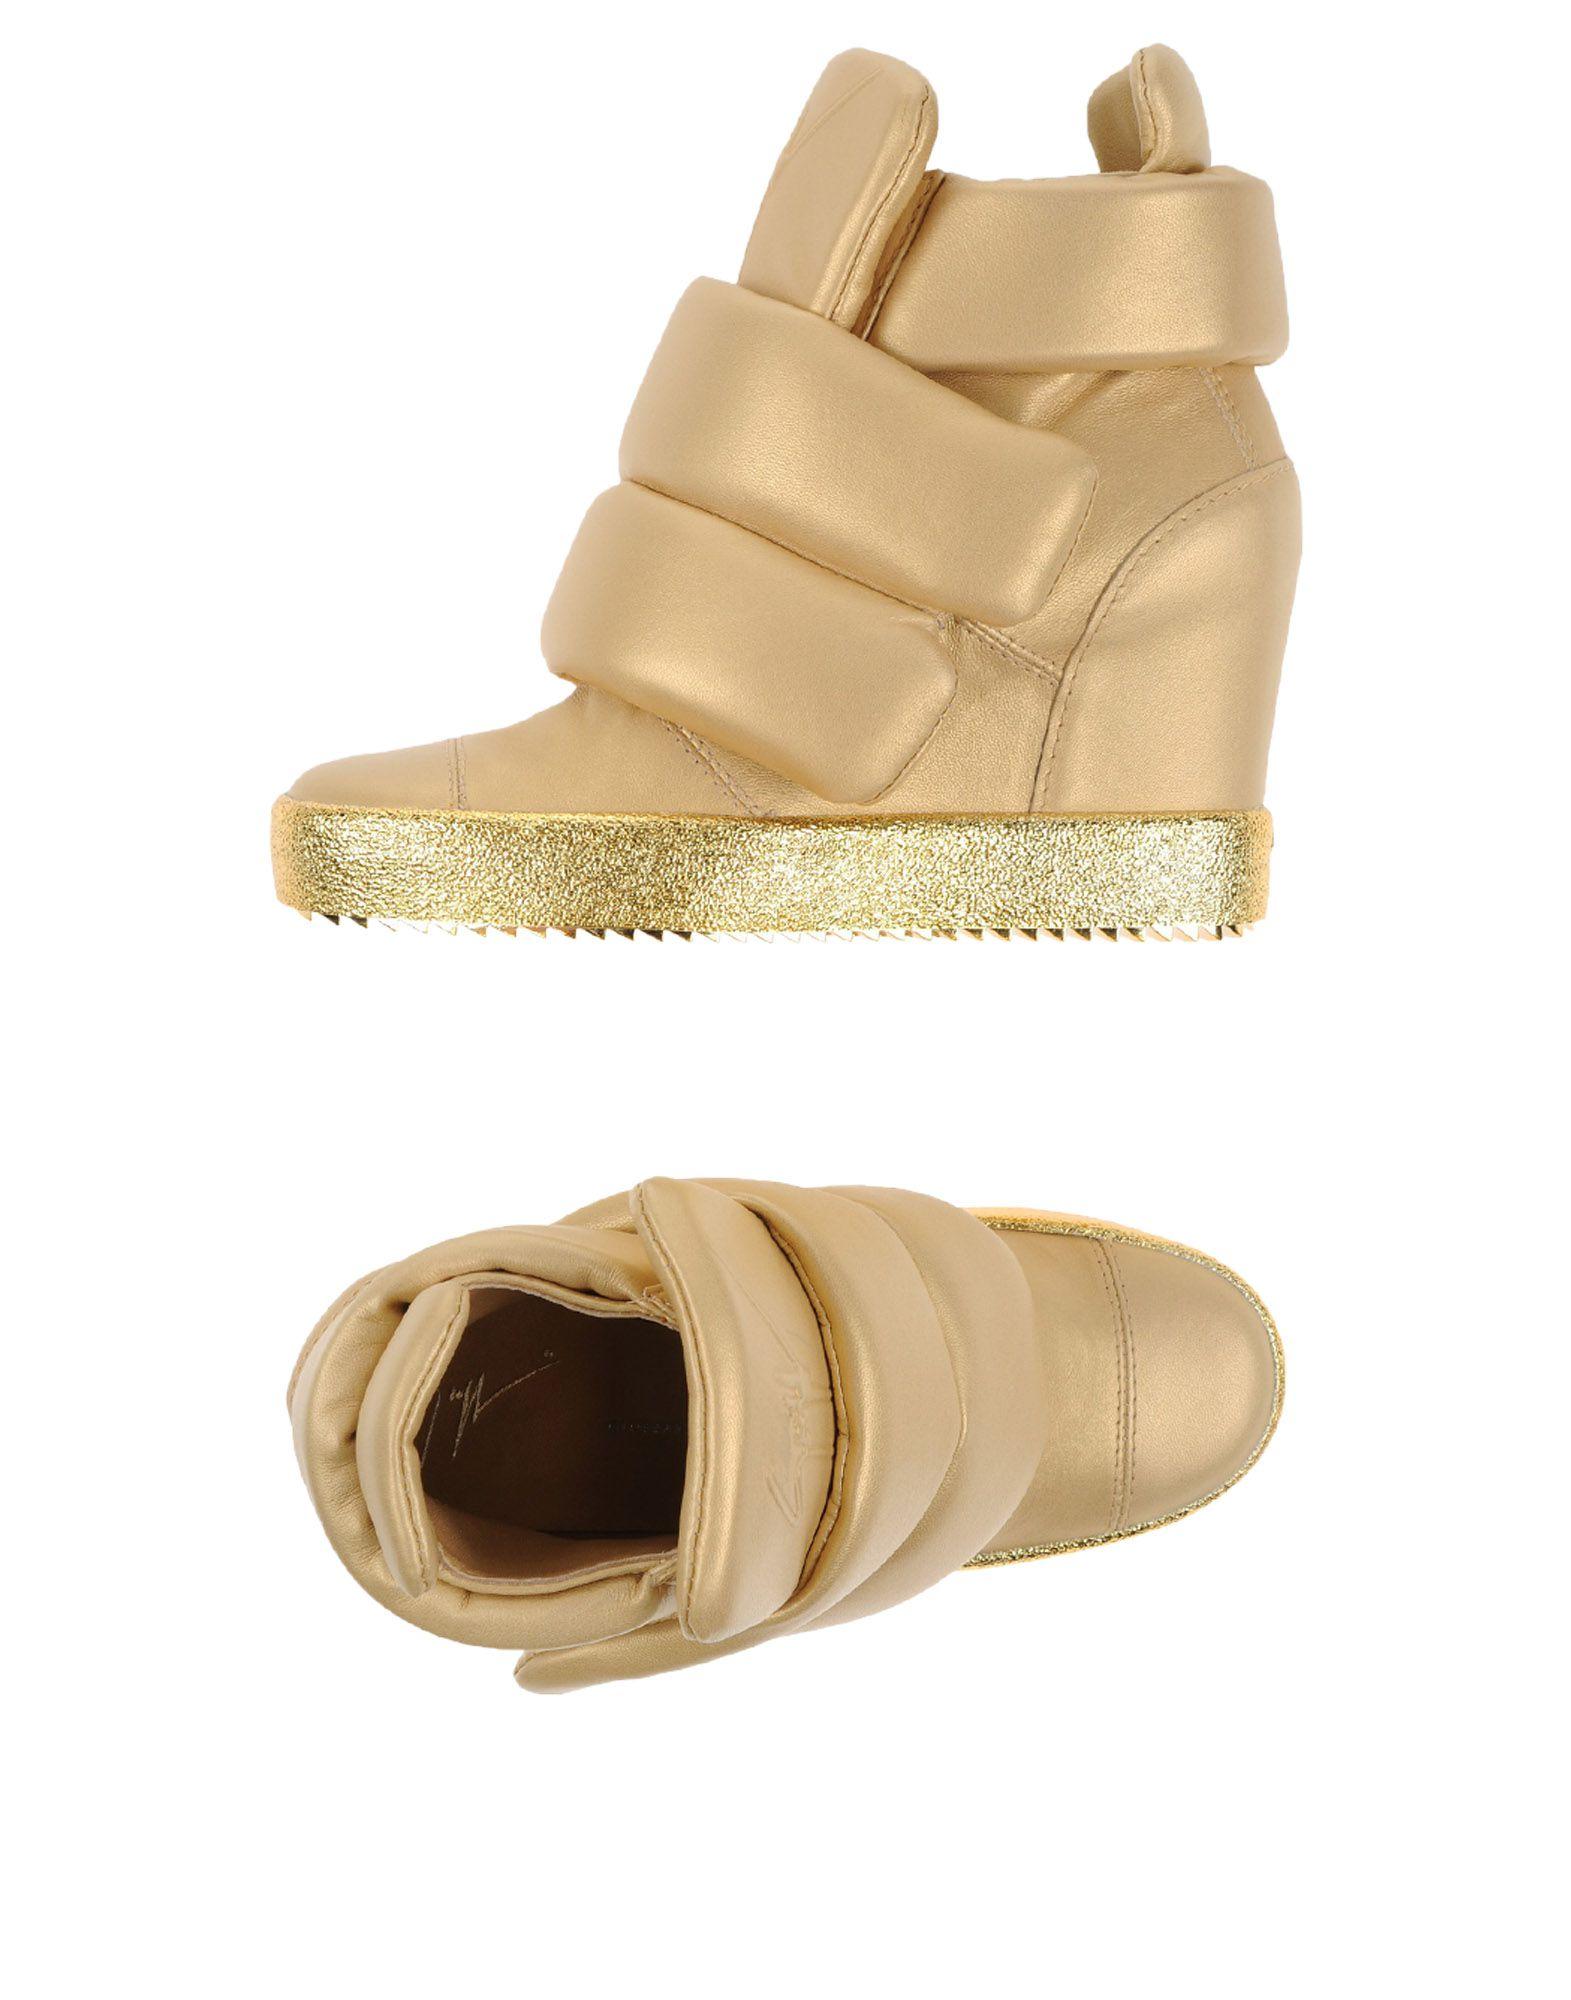 Giuseppe Zanotti Zanotti Sneakers - Women Giuseppe Zanotti Zanotti Sneakers online on  Canada - 44988405WN b2f783